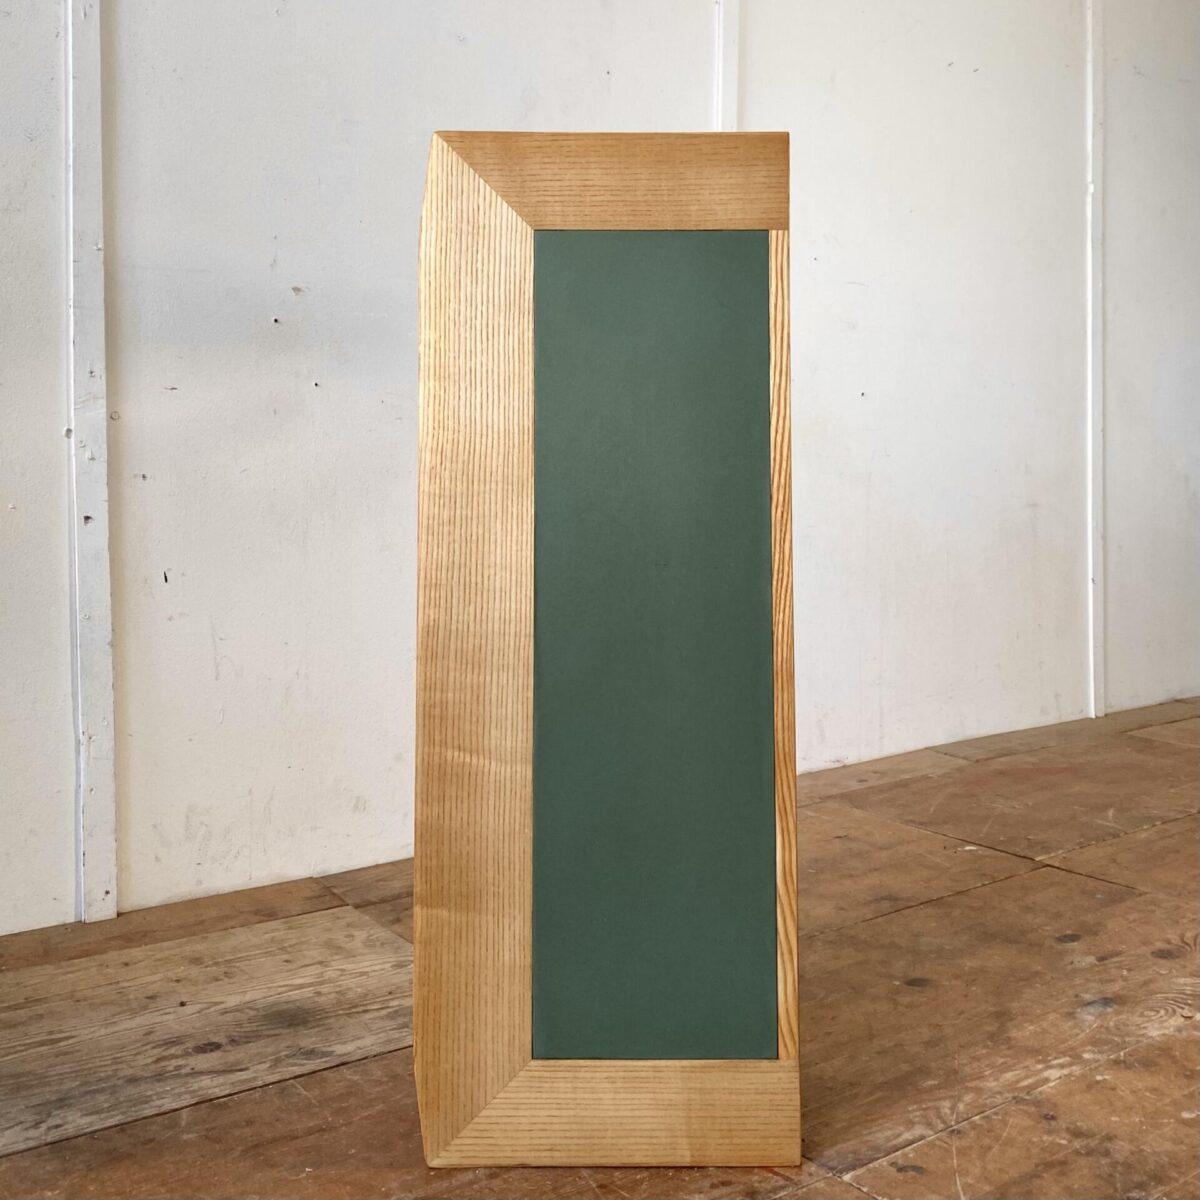 Deuxieme.shop Kleine Kommode mit 6 Schubladen aus Eschenholz. 100x37cm Höhe 68.6cm. Die Konischen Schrägbeine lassen das Möbel leicht wirken. Ins Deckblatt ist eine grüne Einlage eingearbeitet, Kelko oder ein etwas weicherer Kunststoff. Seitlich betrachtet ist der Möbelkorpus Trapezförmig. Die Schubladengriffe sind etwas dunkler, ich tippe auf Ulmenholz. Auch die Rückseite der Kommode ist als Sichtseite verarbeitet.